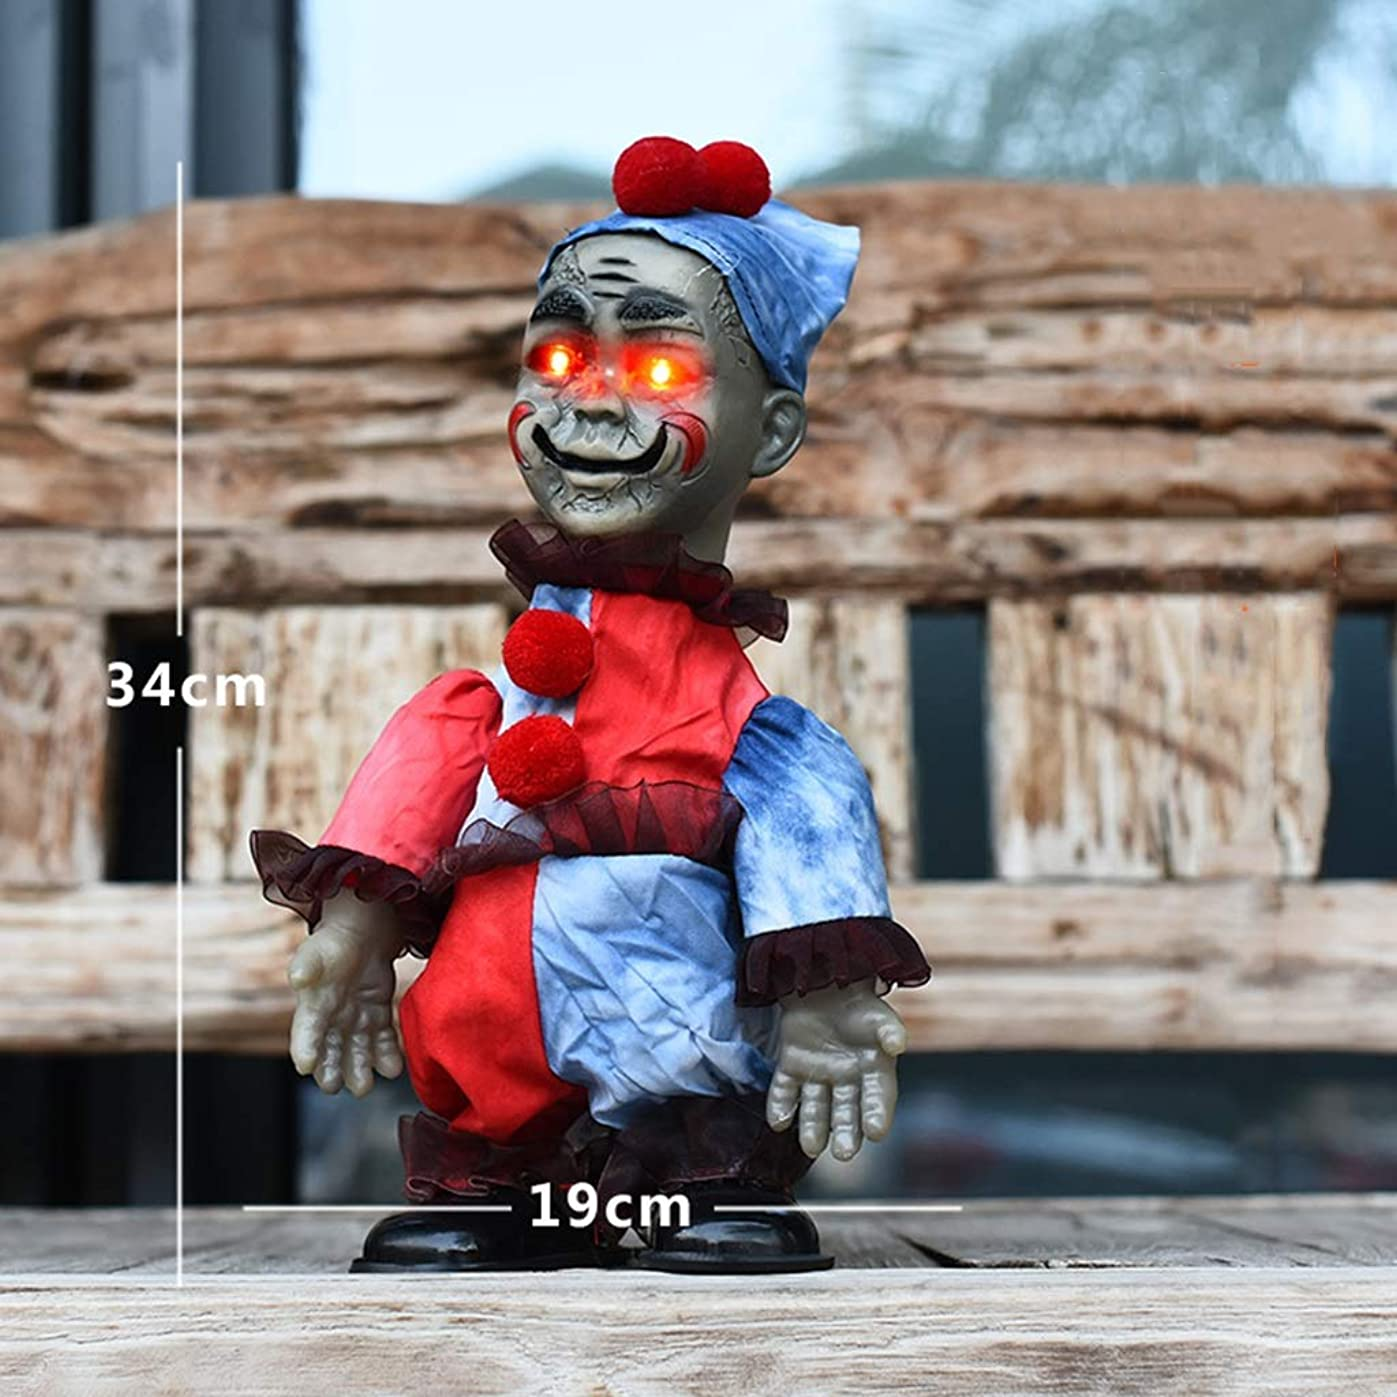 ピック量知らせるAFQHJ ハロウィーンギフト電気音声制御ホラー人形玩具ハロウィーンパーティーシーン装飾小道具電池式の音と光4スタイル (Color : D)